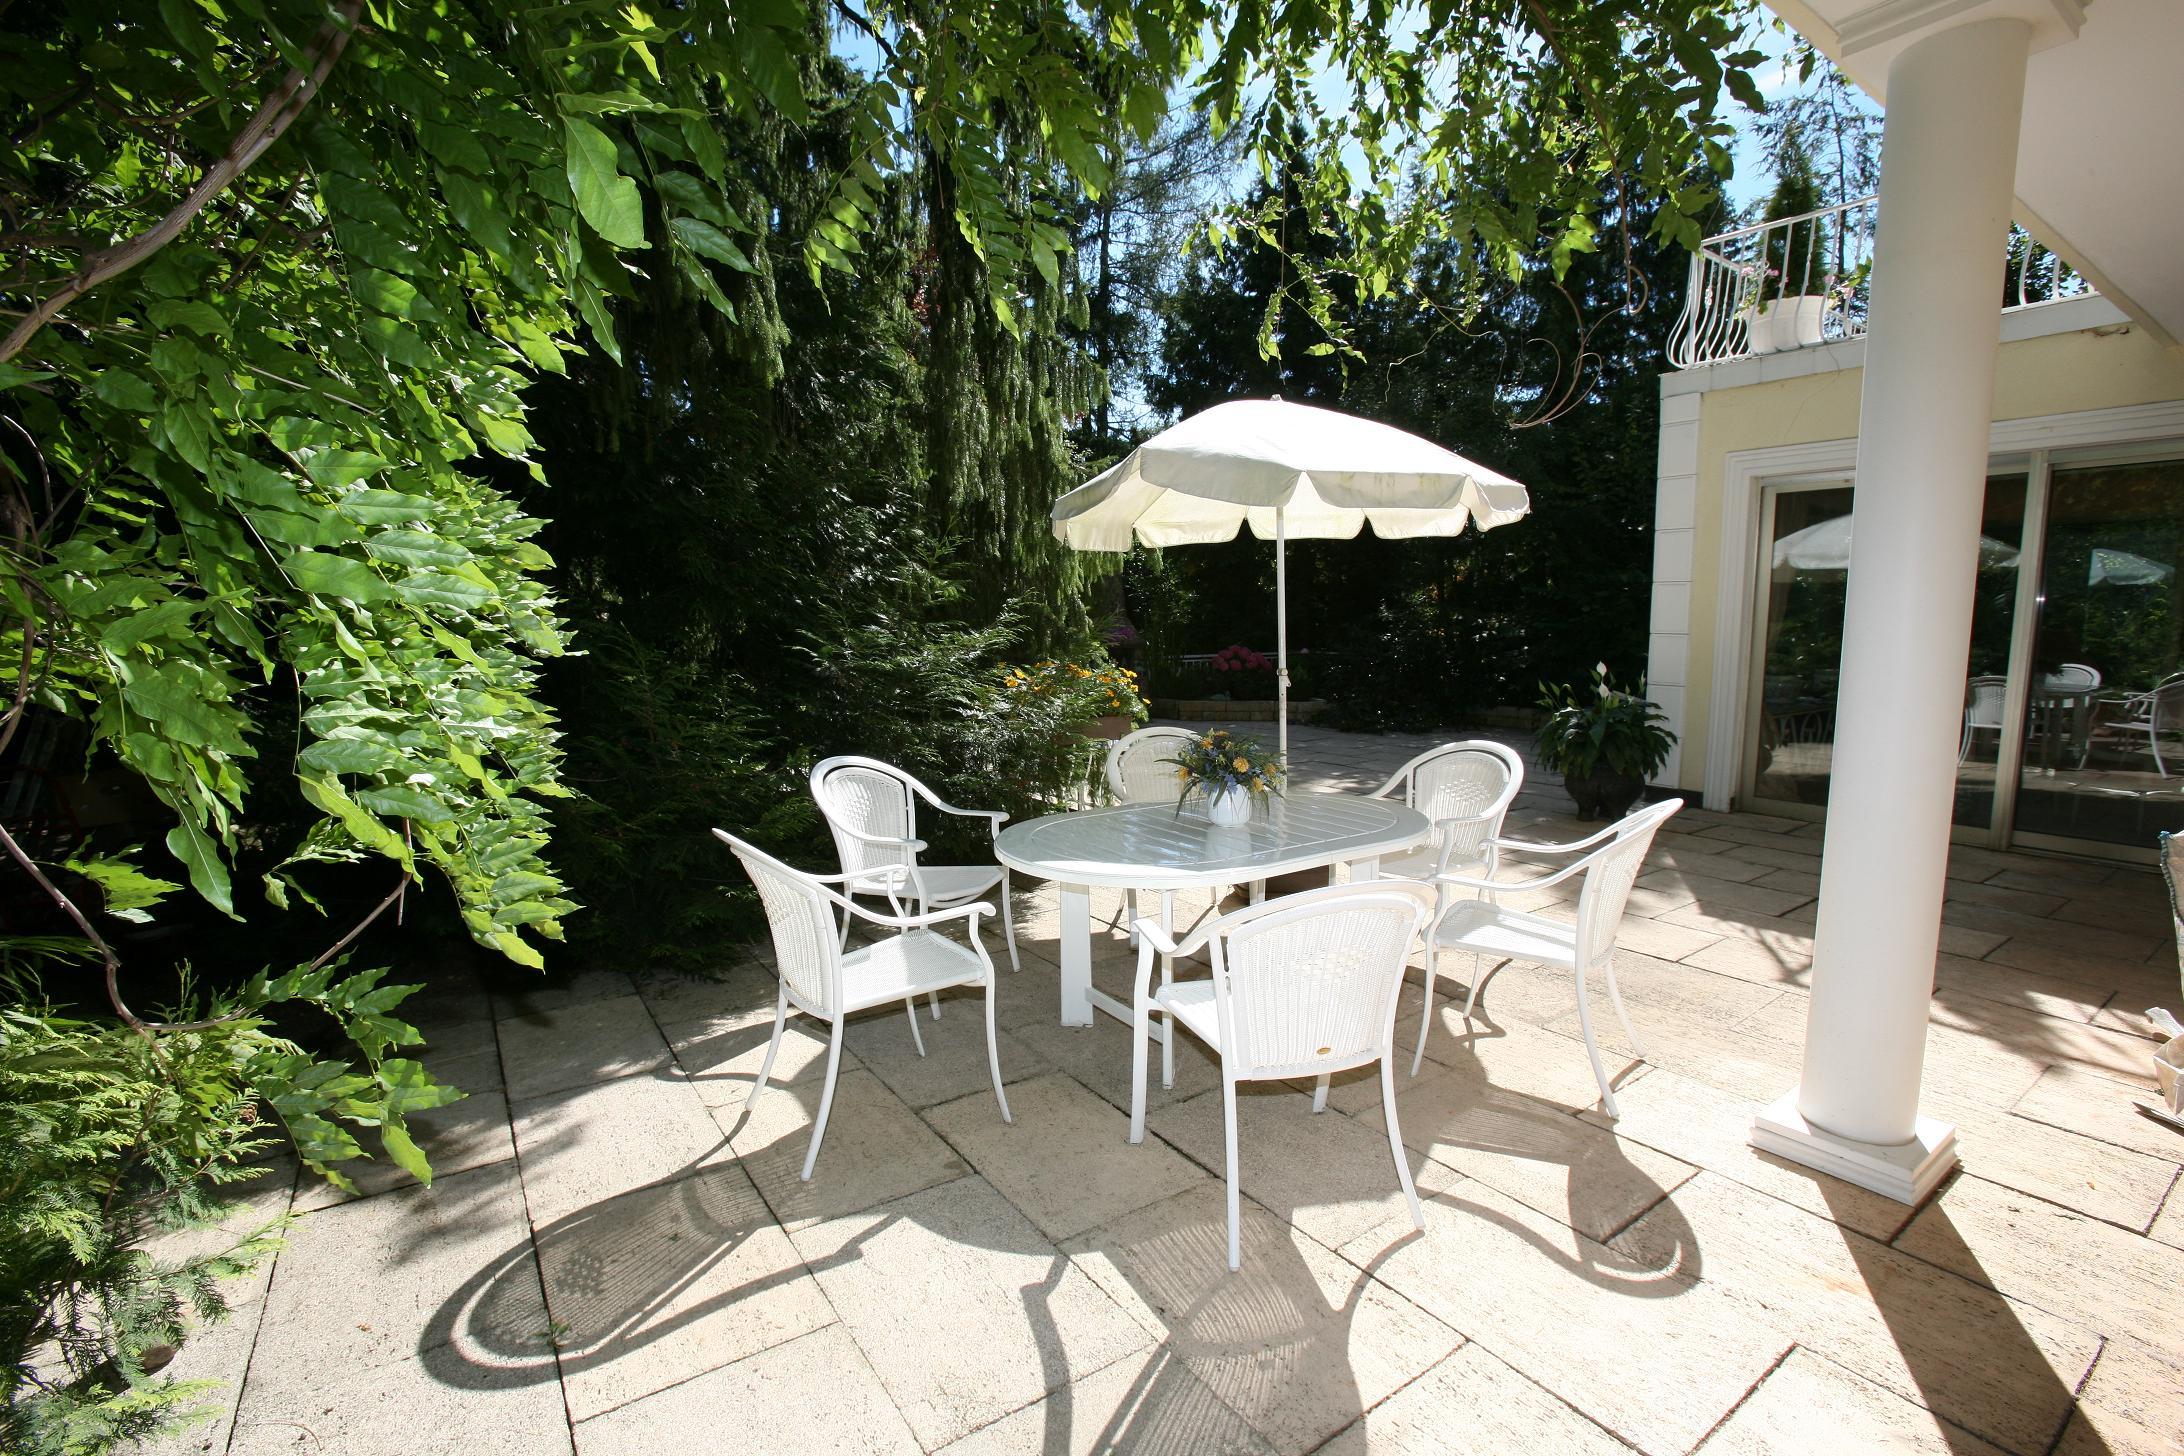 Фото №8 квартиры в Мюнхен за 3.500.000  евро евро